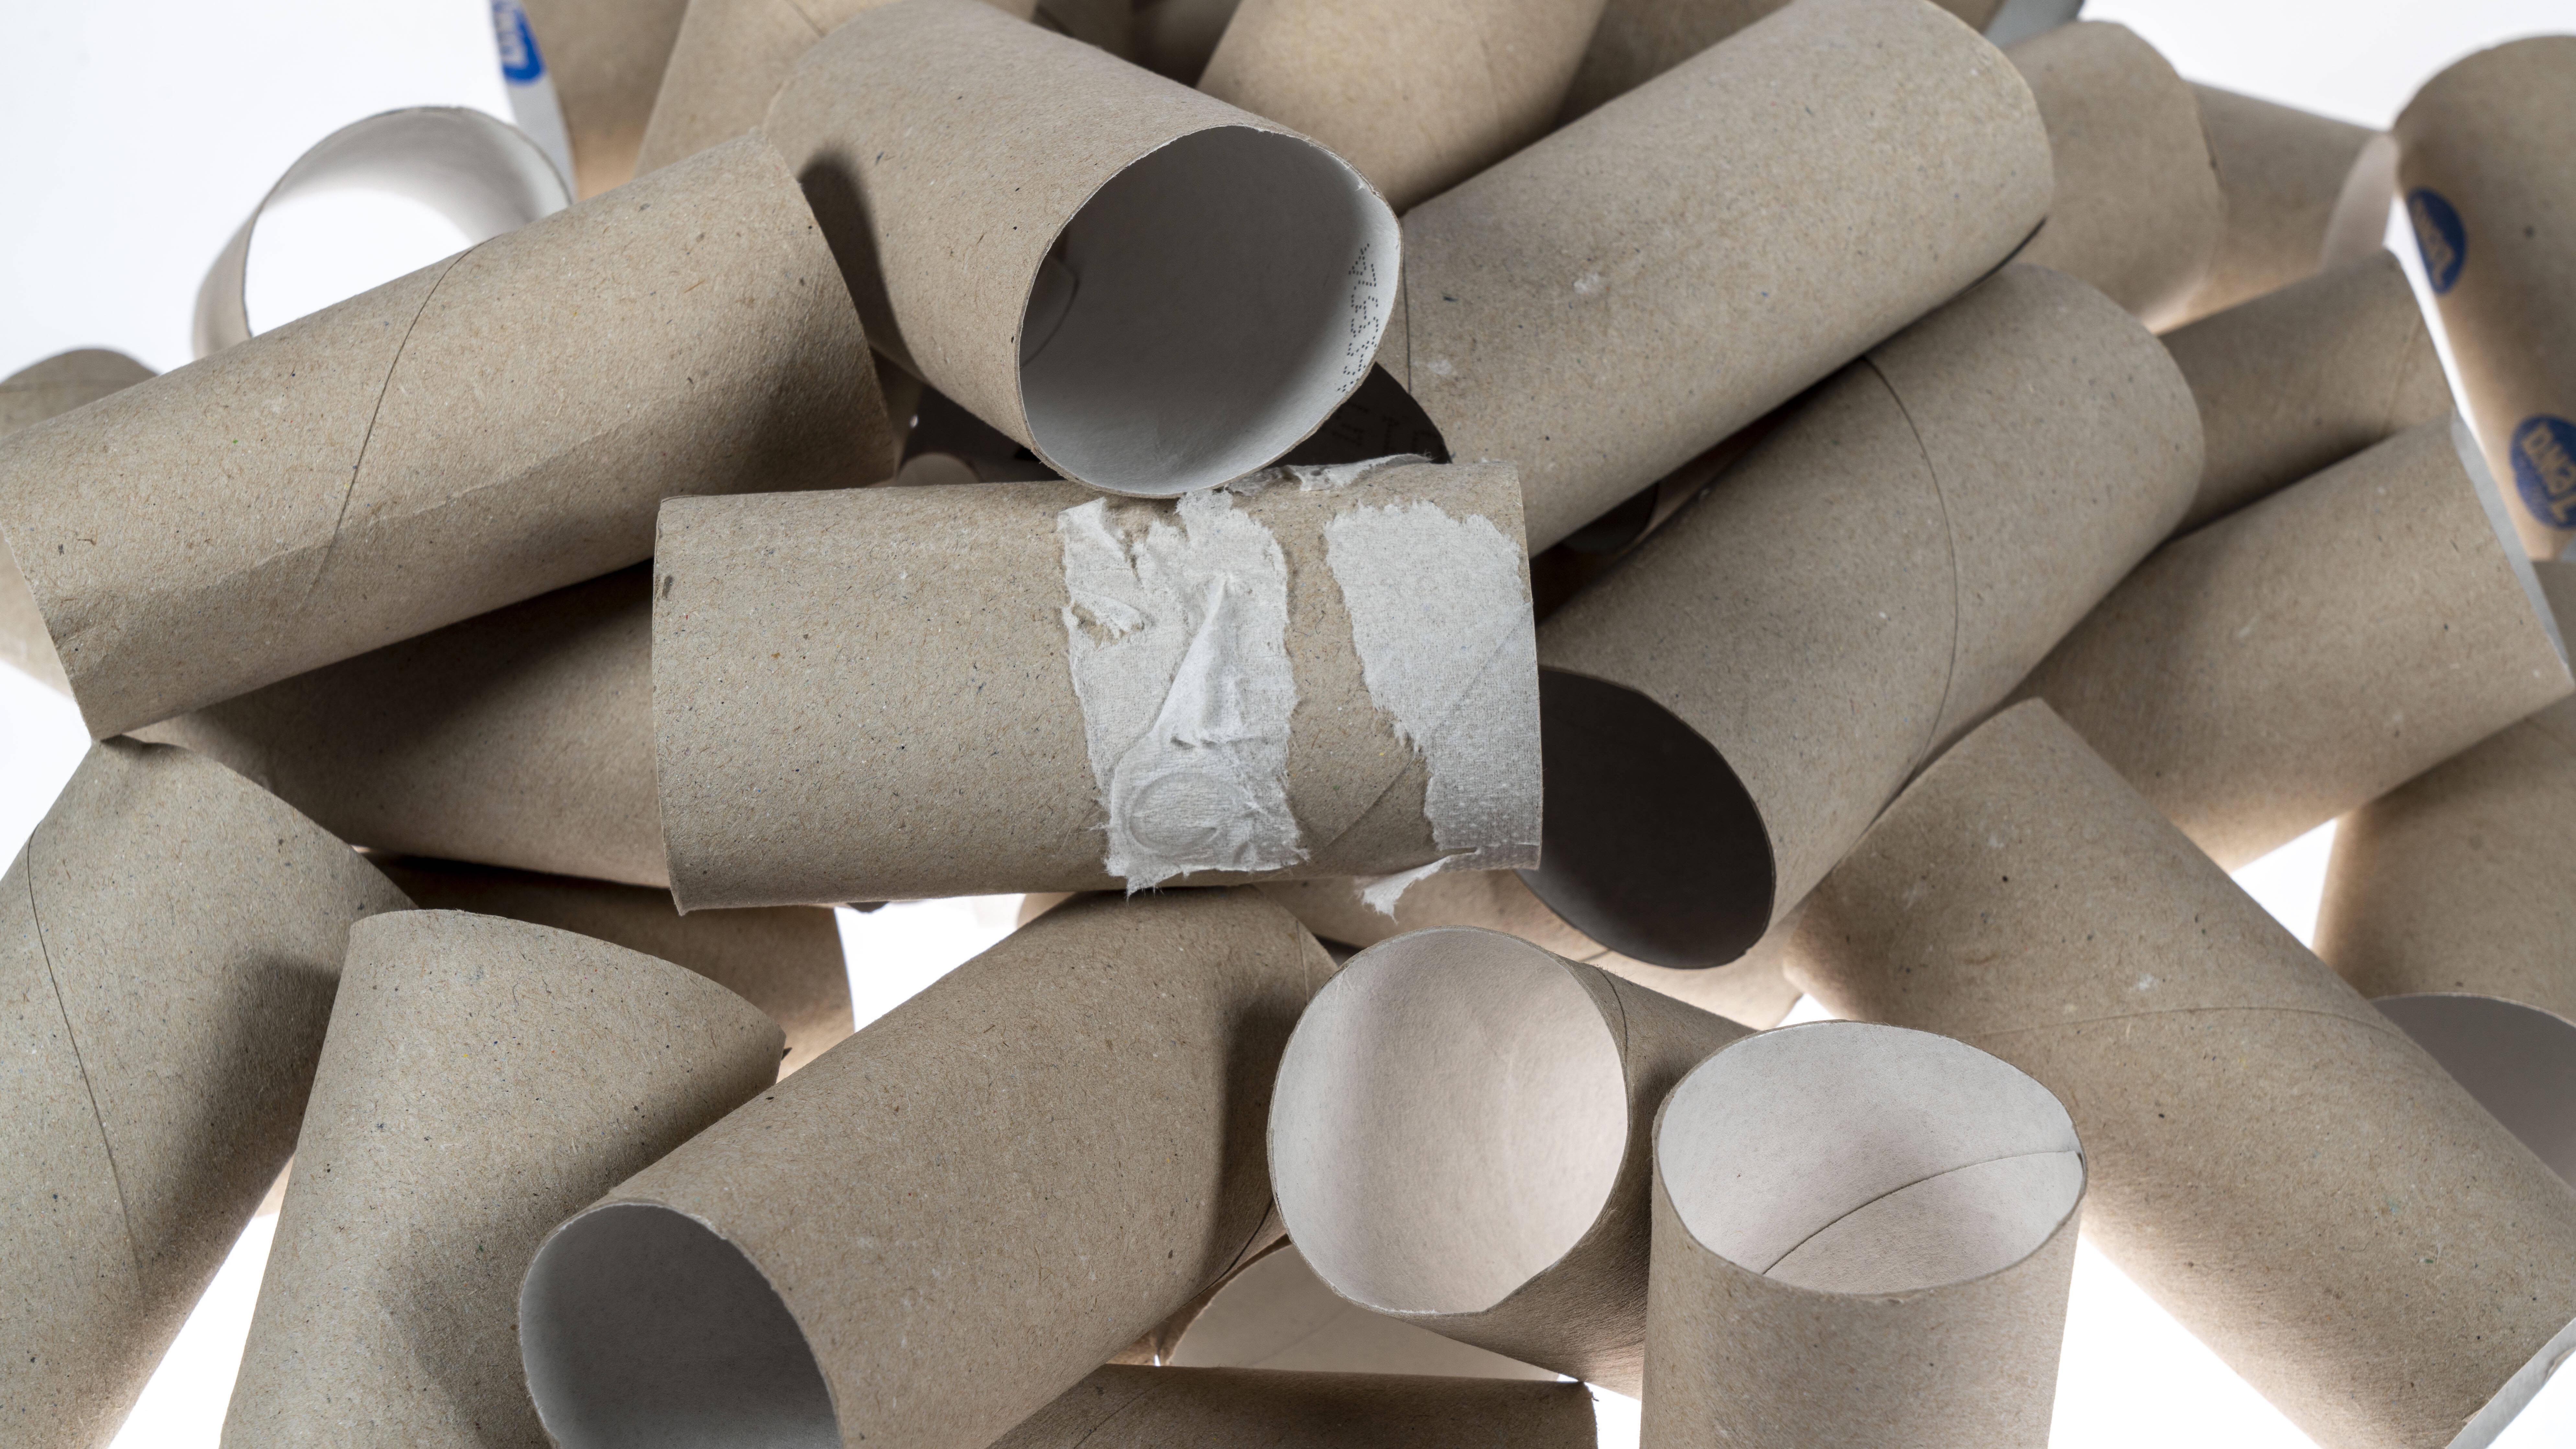 Toilettenpapierollen sind vielseitiger als erwartet.